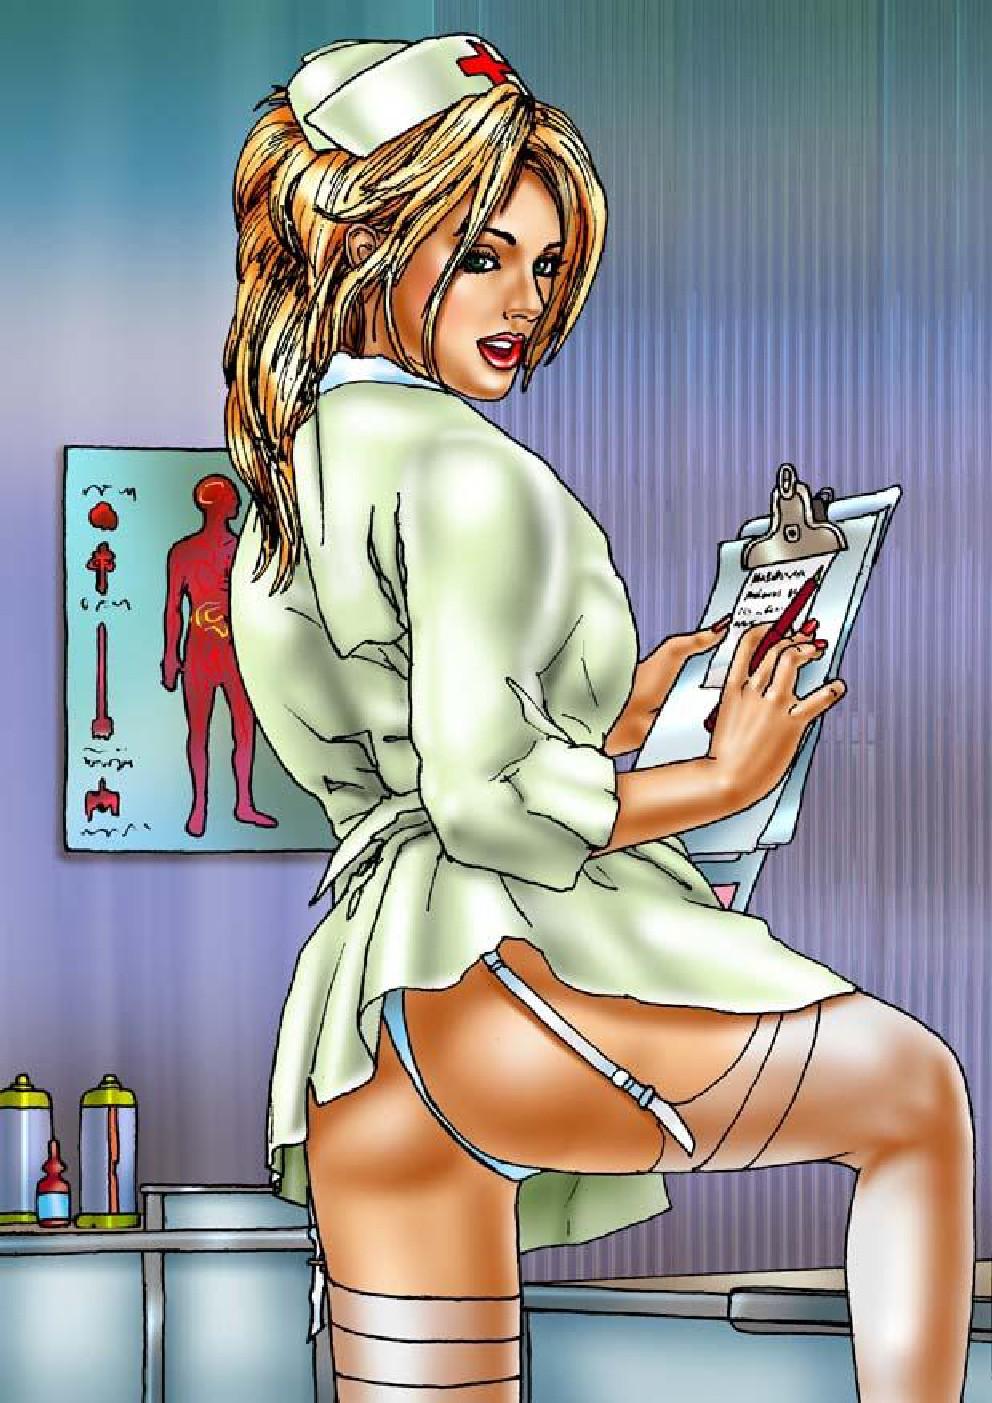 Порно похотливый доктор сон пациентки, порно подсматривание онлайн